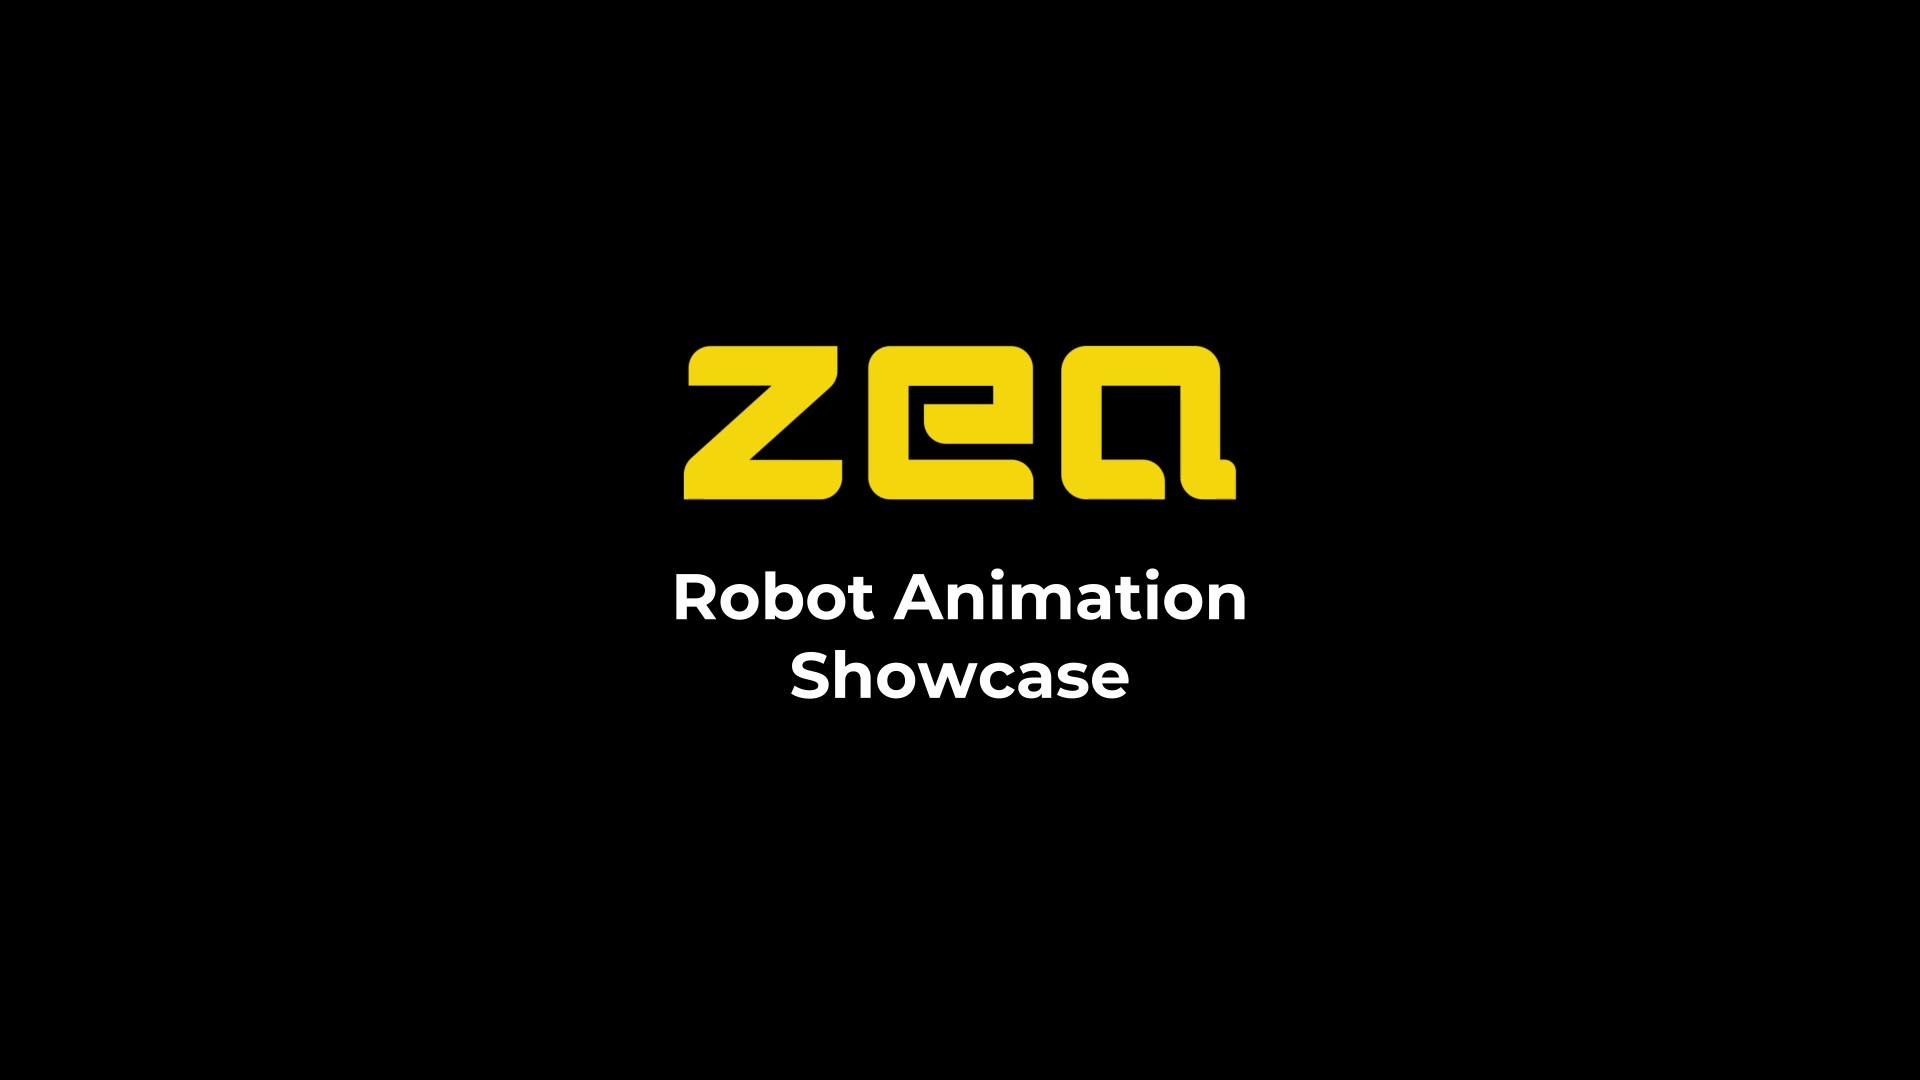 zea-showcase-robot-v2